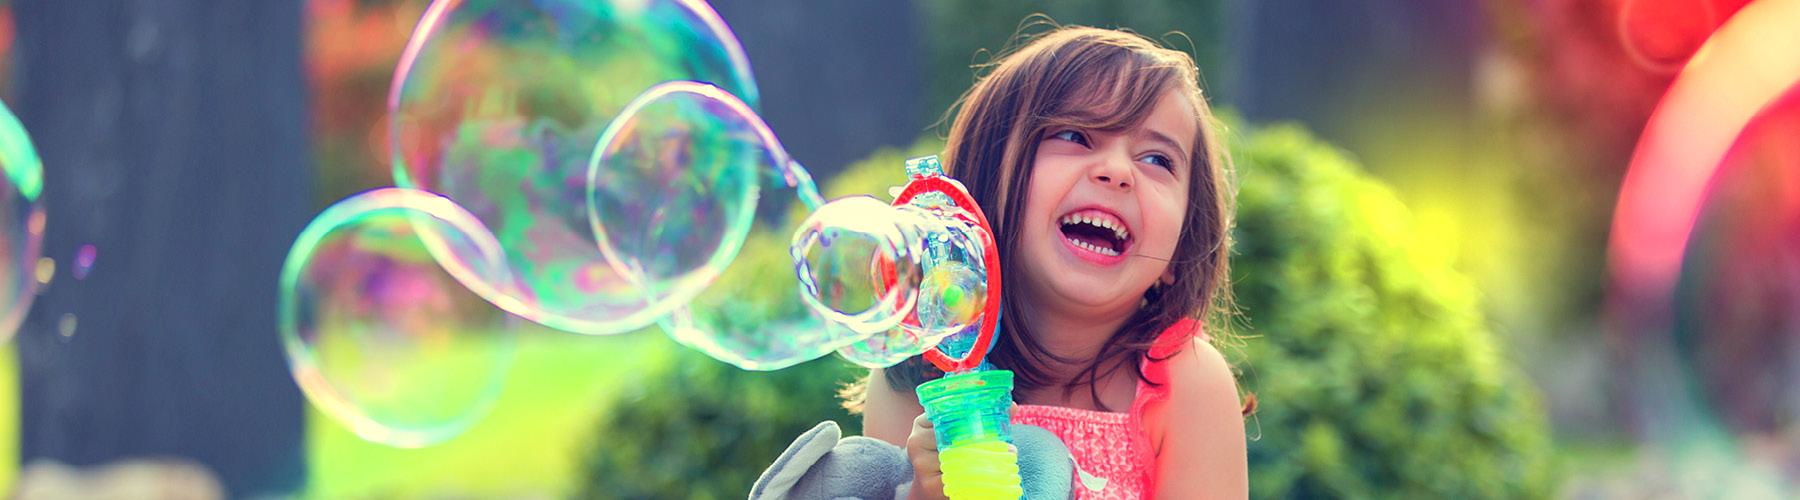 فوق تخصص آلرژی و ایمونولوژی کودکان